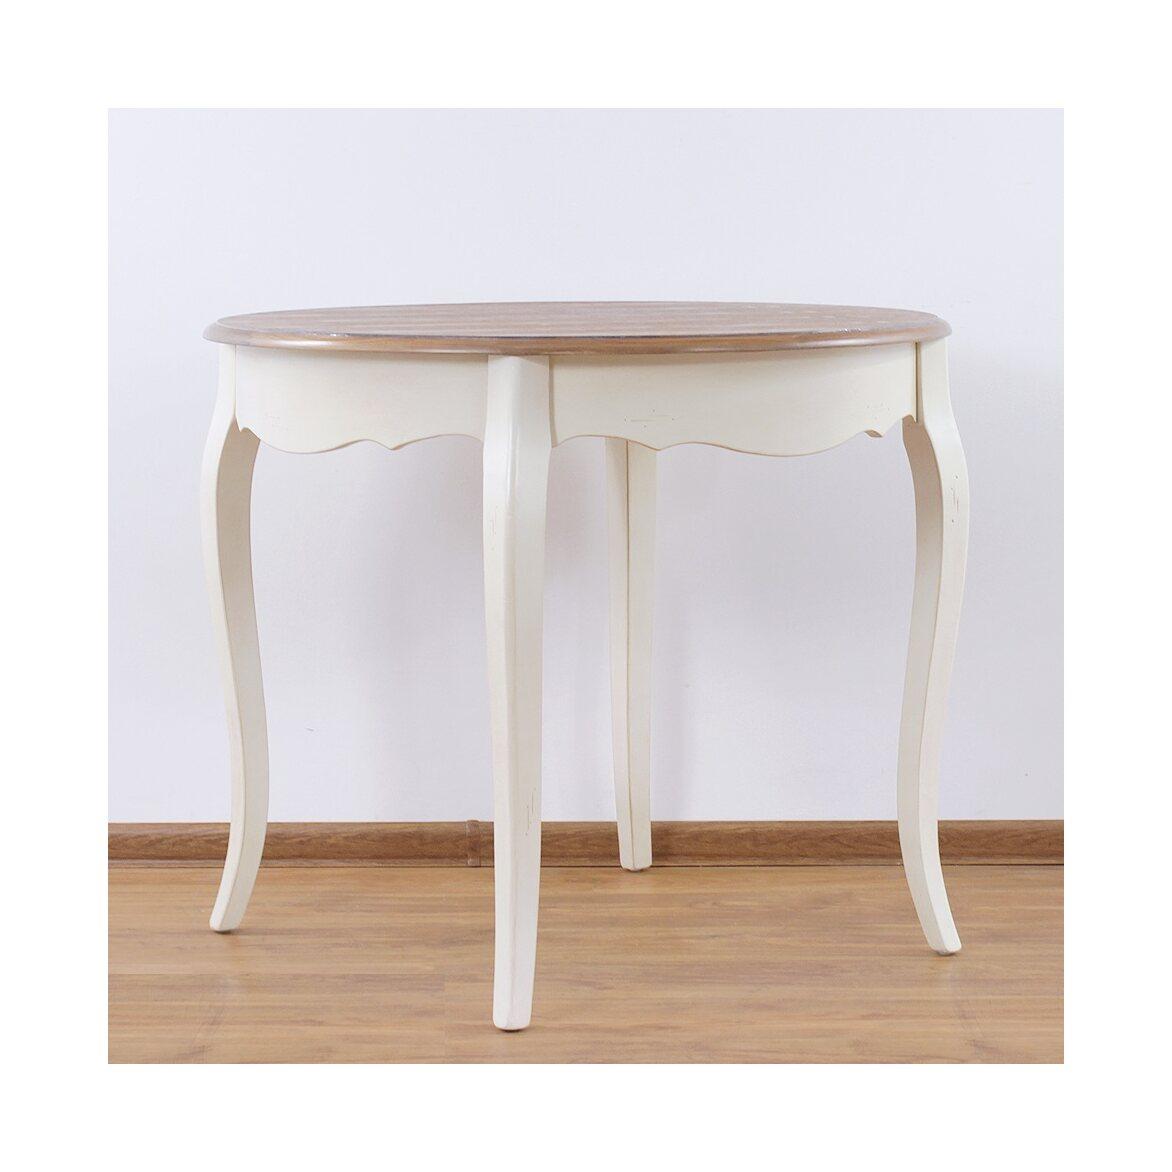 Круглый обеденный стол (большой) Leontina, бежевого цвета 5 | Обеденные столы Kingsby